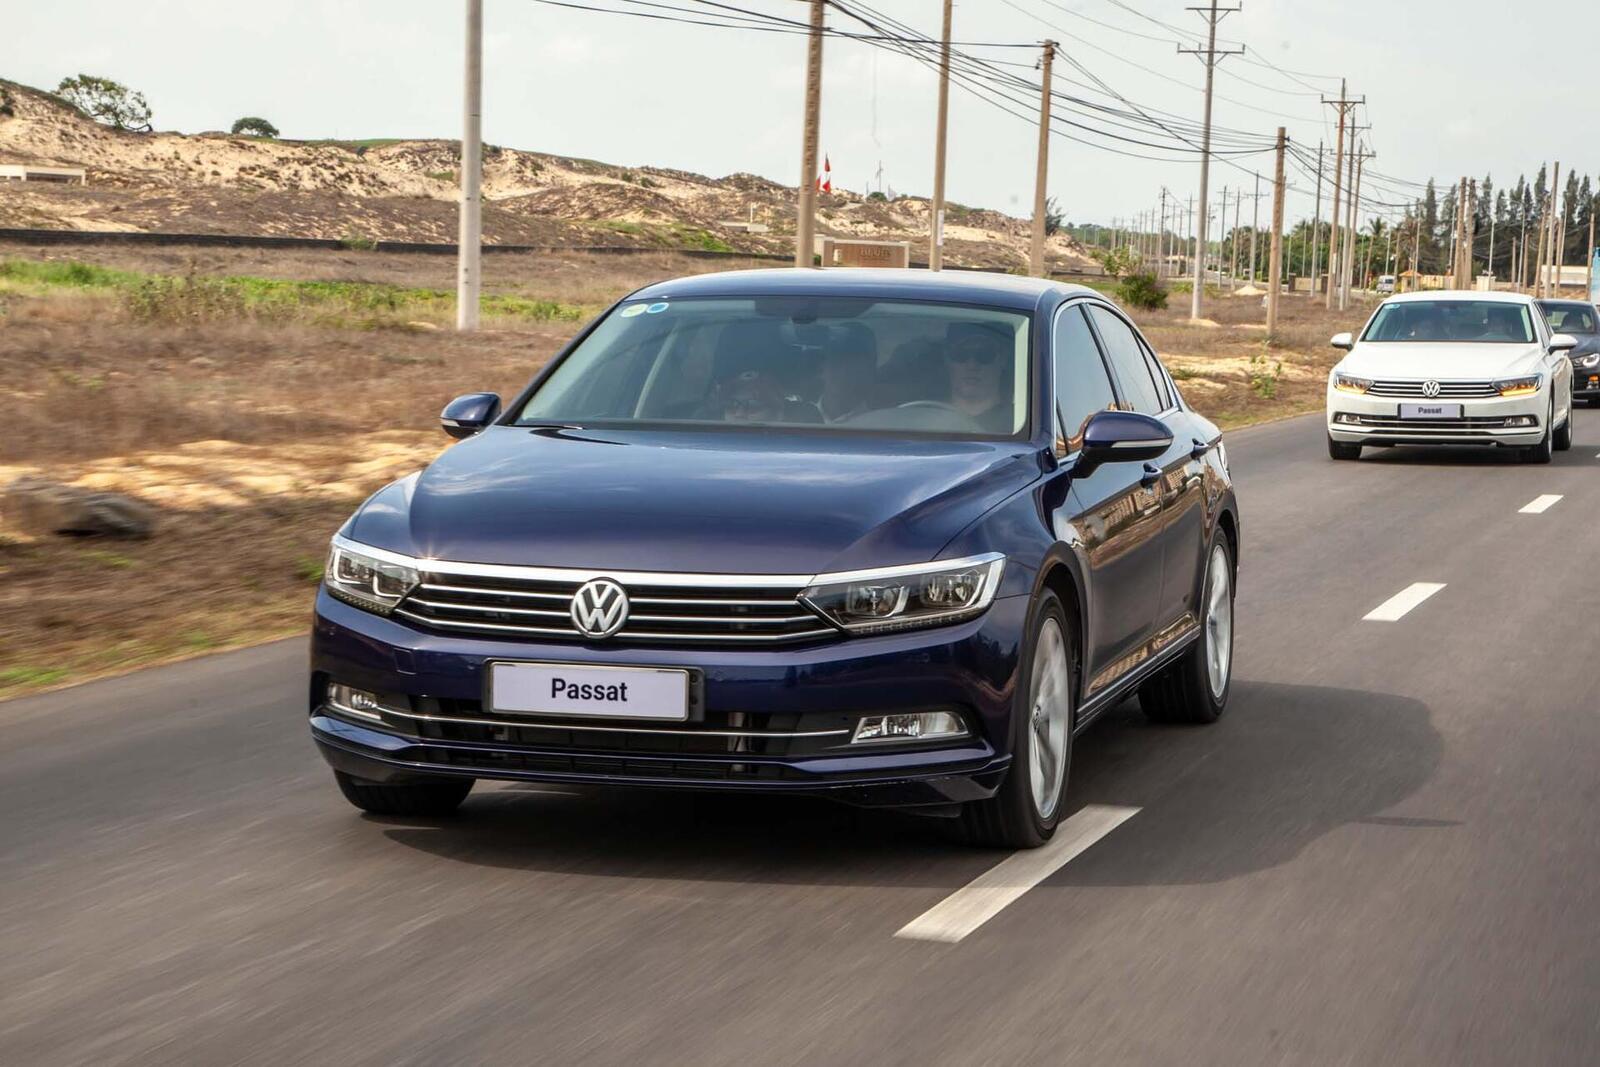 Volkswagen Passat Bluemotion: Lựa chọn xe Đức duy nhất trong phân khúc - Hình 5